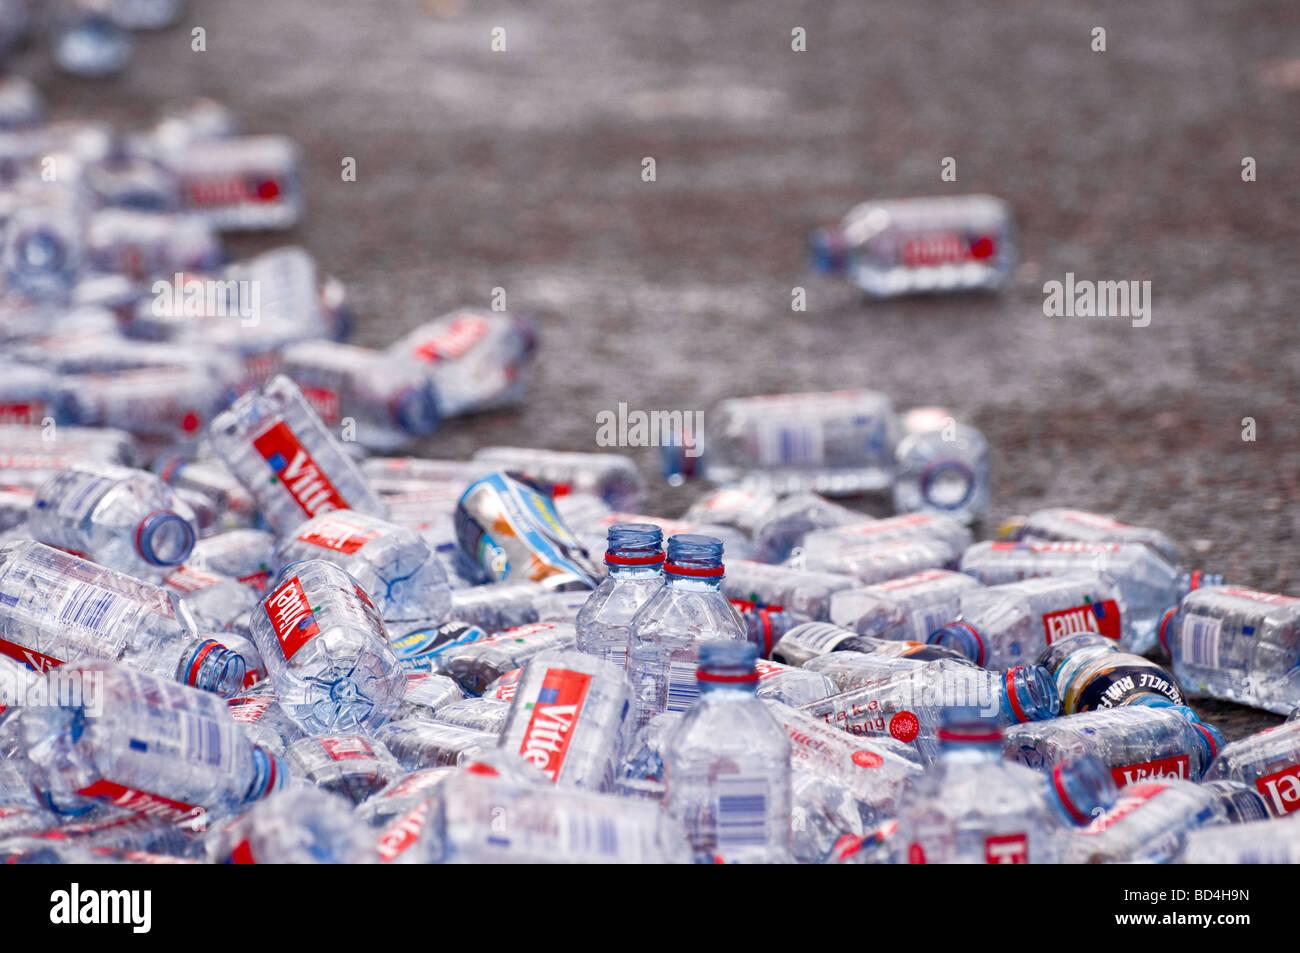 Las botellas de agua mineral desechados después de la Maratón de Londres Imagen De Stock